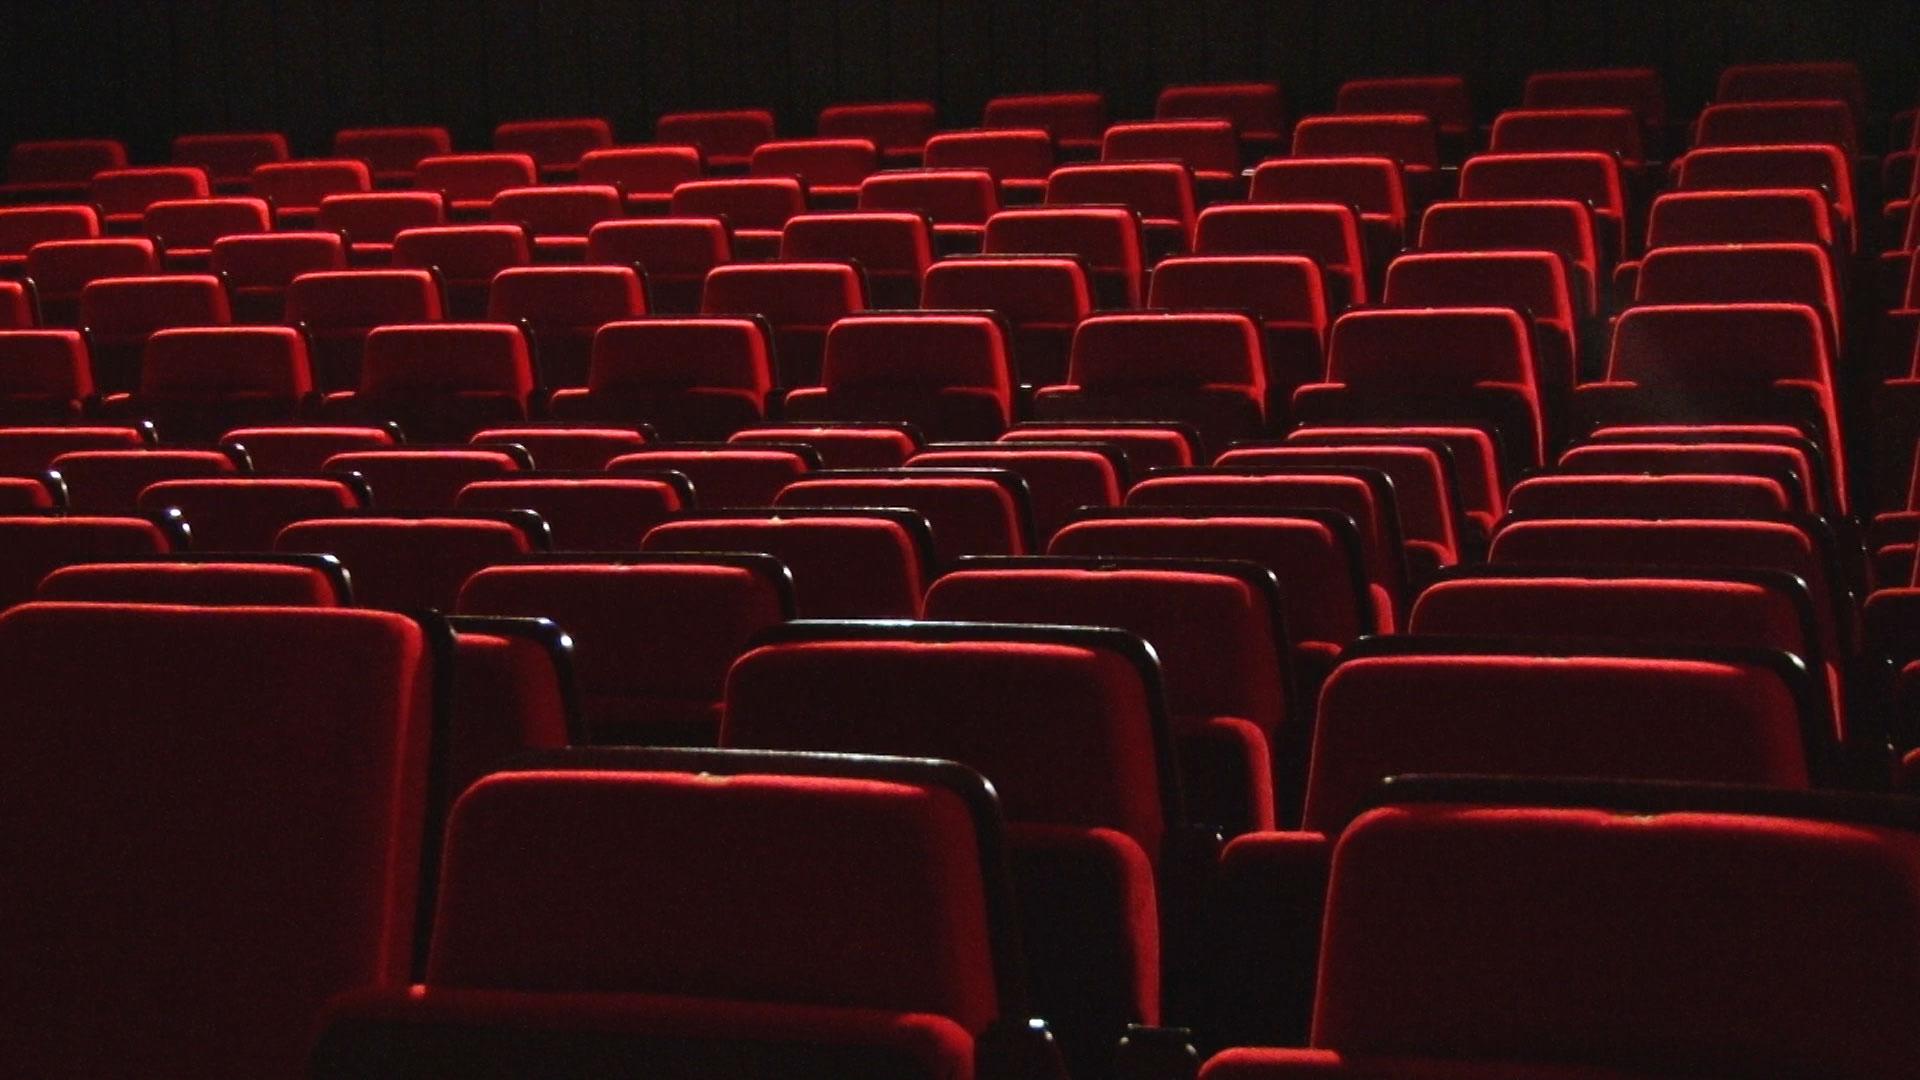 Конкурс! Recycle дарит билеты на фестивальный кинопоказ